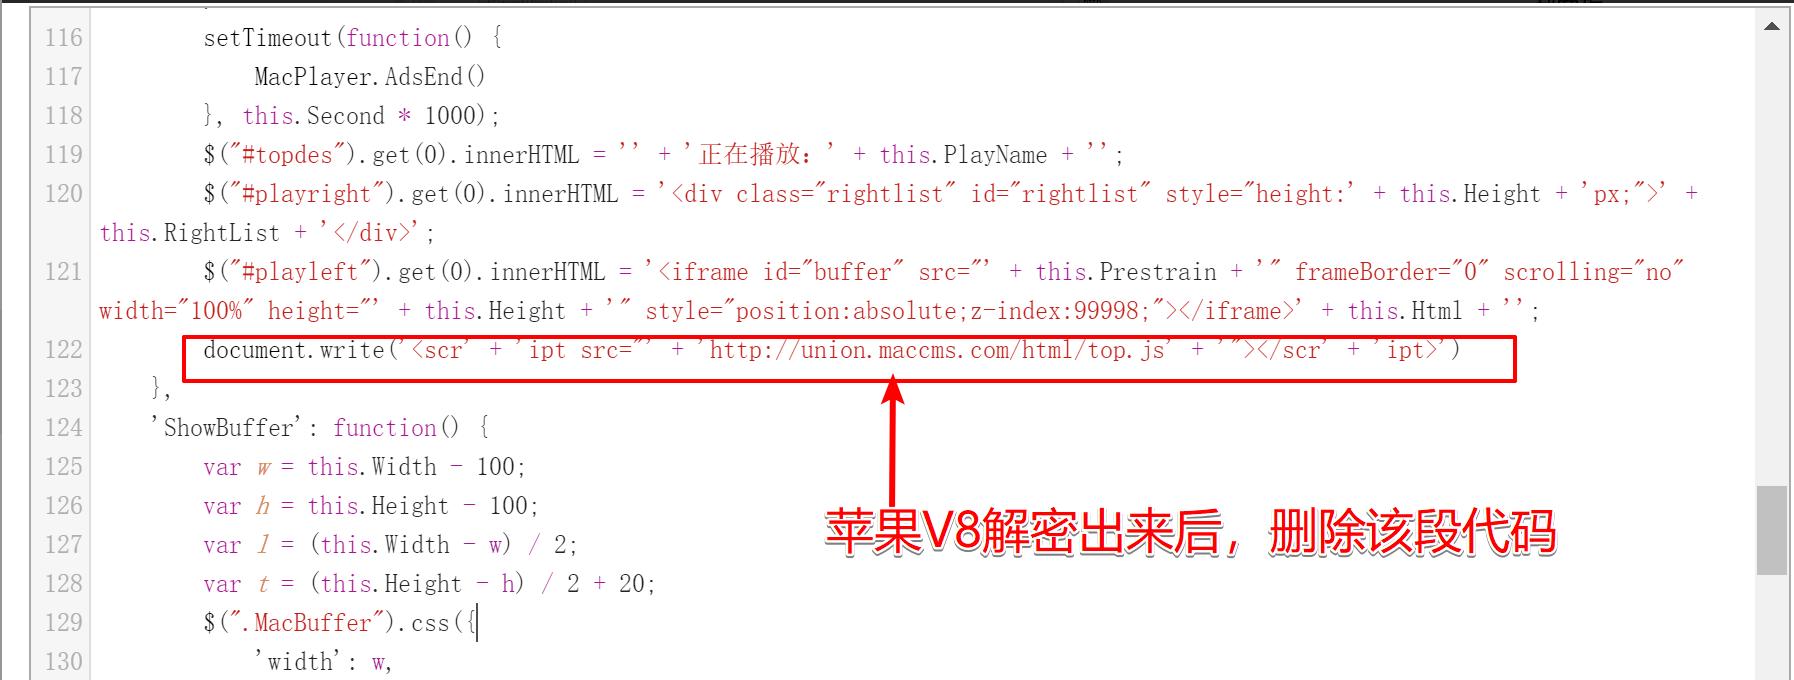 苹果cms8.X和苹果cms10 player.js漏洞修补方法  苹果CMS 第5张